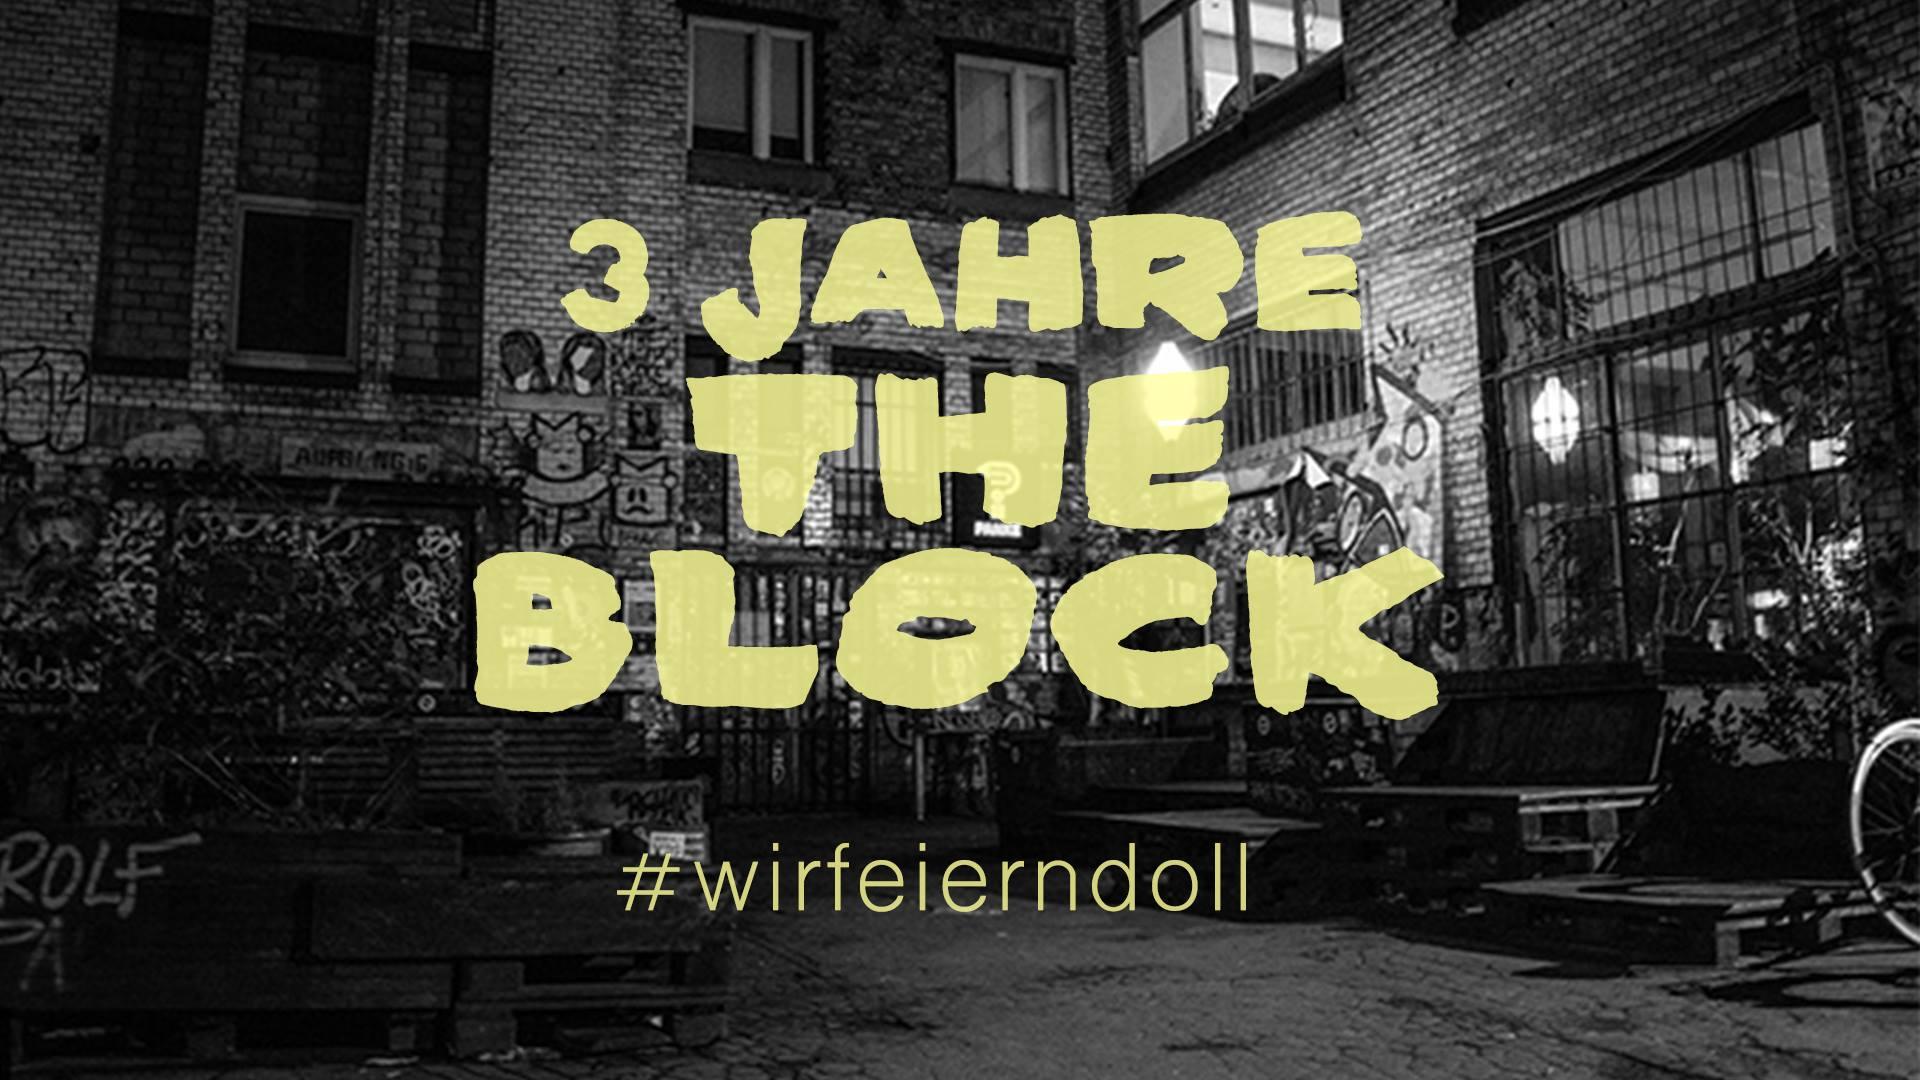 3 Jahre the BLOCK #wirfeierndoll